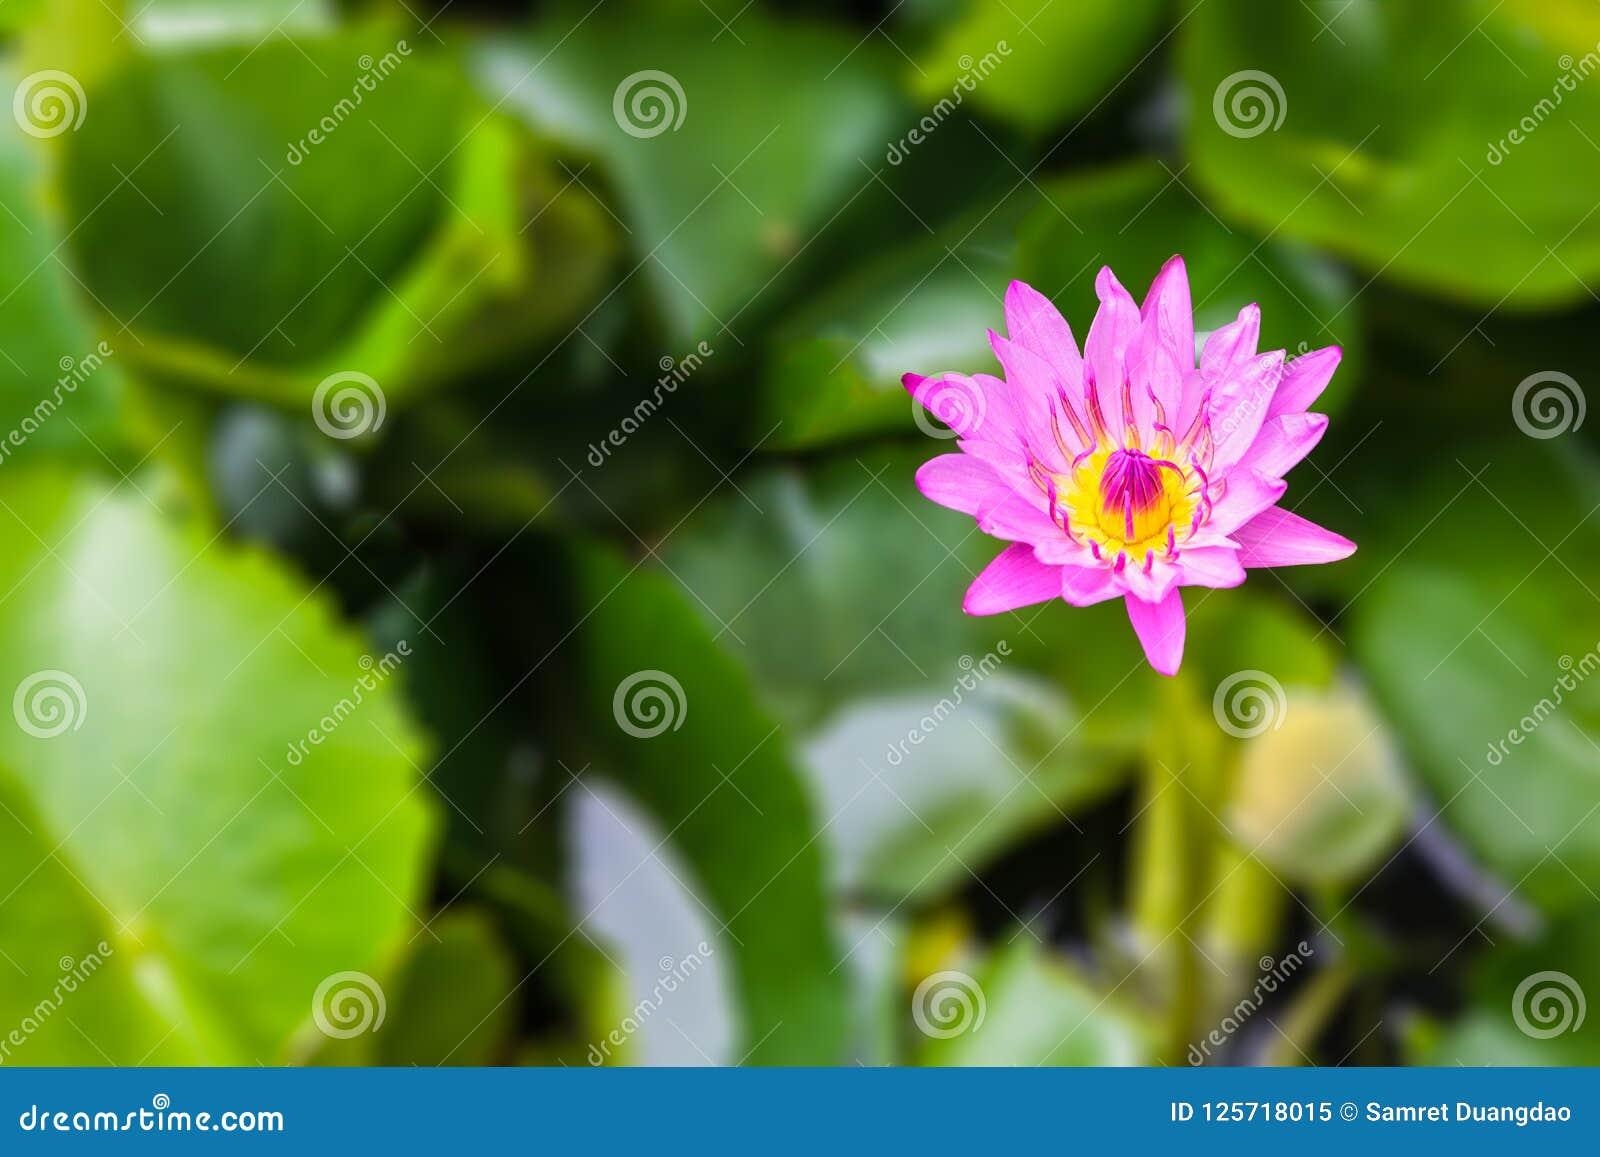 Wildes Nymphaea stellata oder Seerose oder Lotos ist Wasserpflanze a